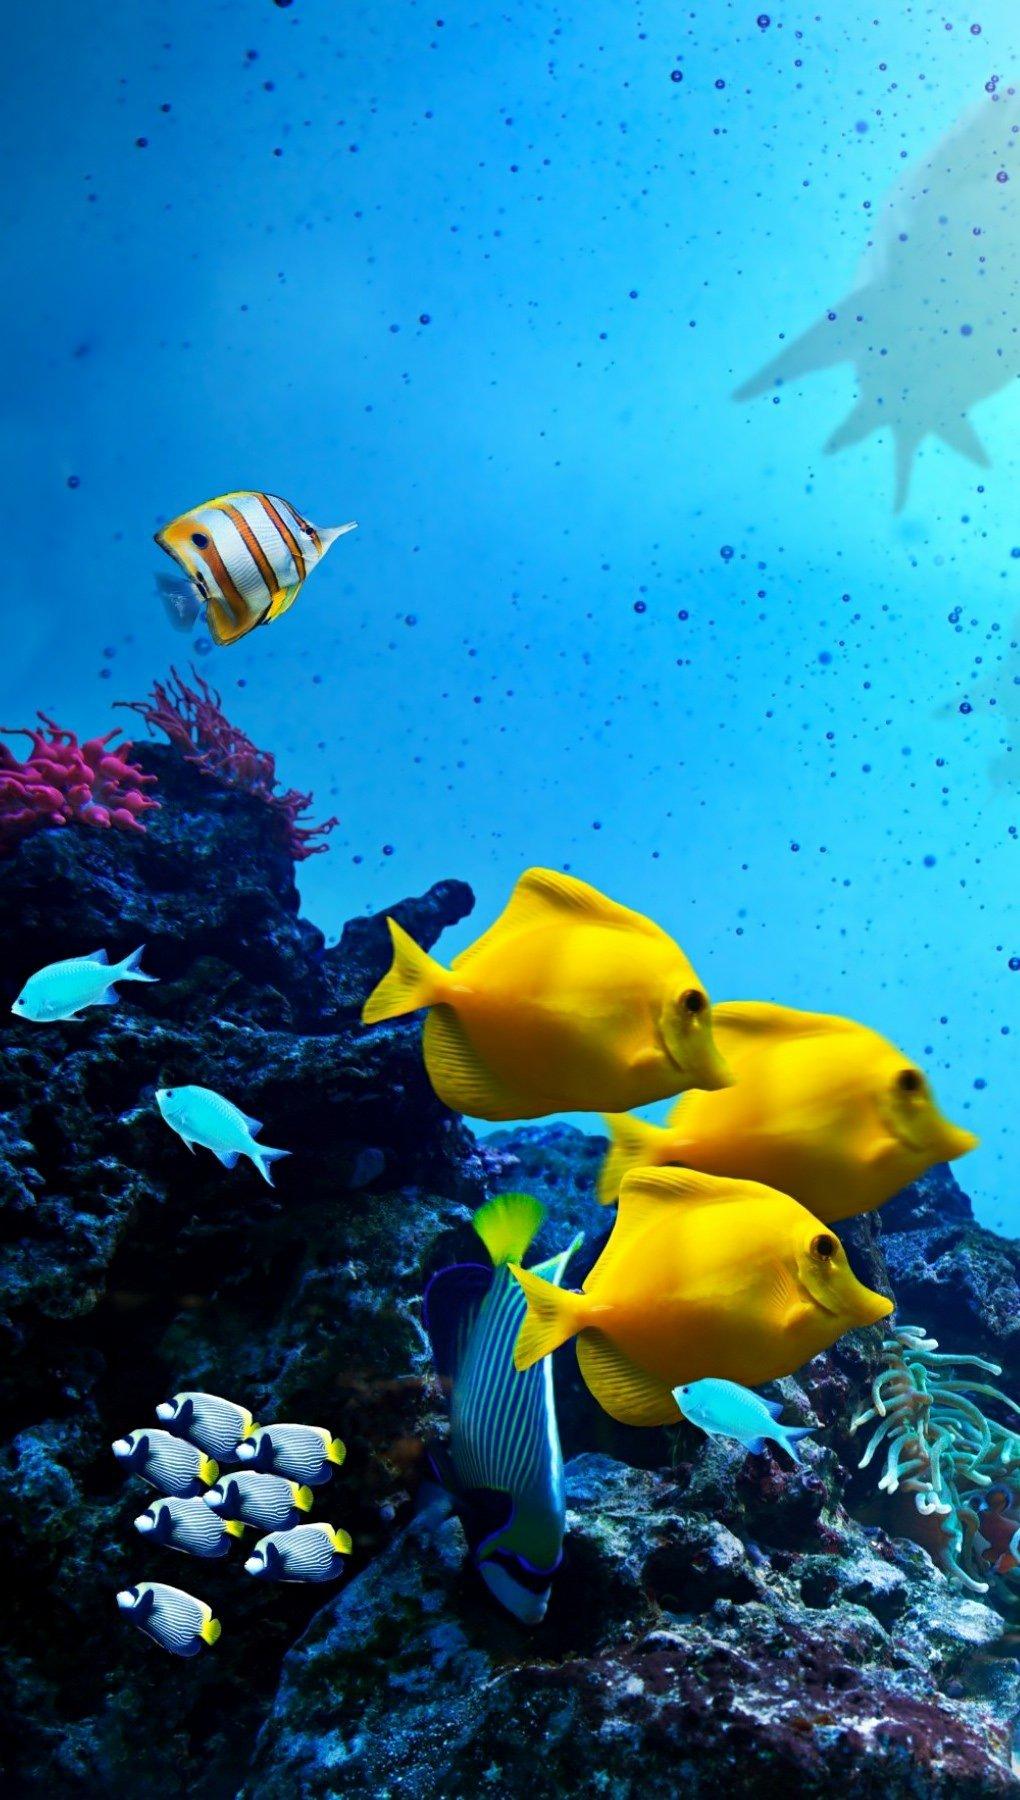 Fondos de pantalla Peces y tiburones en el océano Vertical